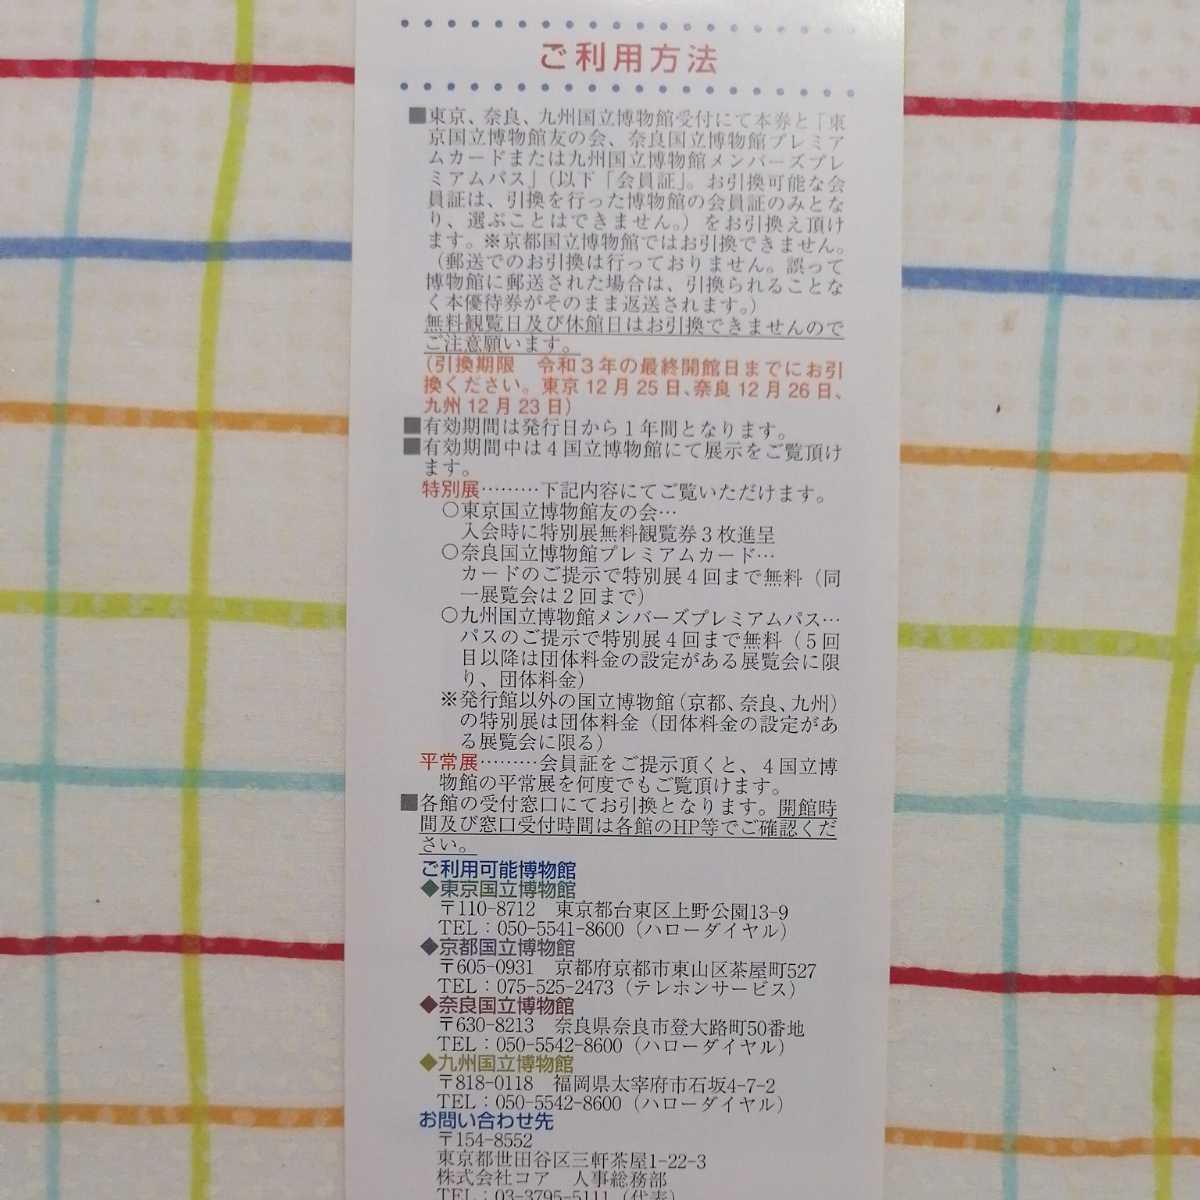 【送料無料】コア 株主優待券 国立博物館 プレミアムパス 年間パスポート_画像2